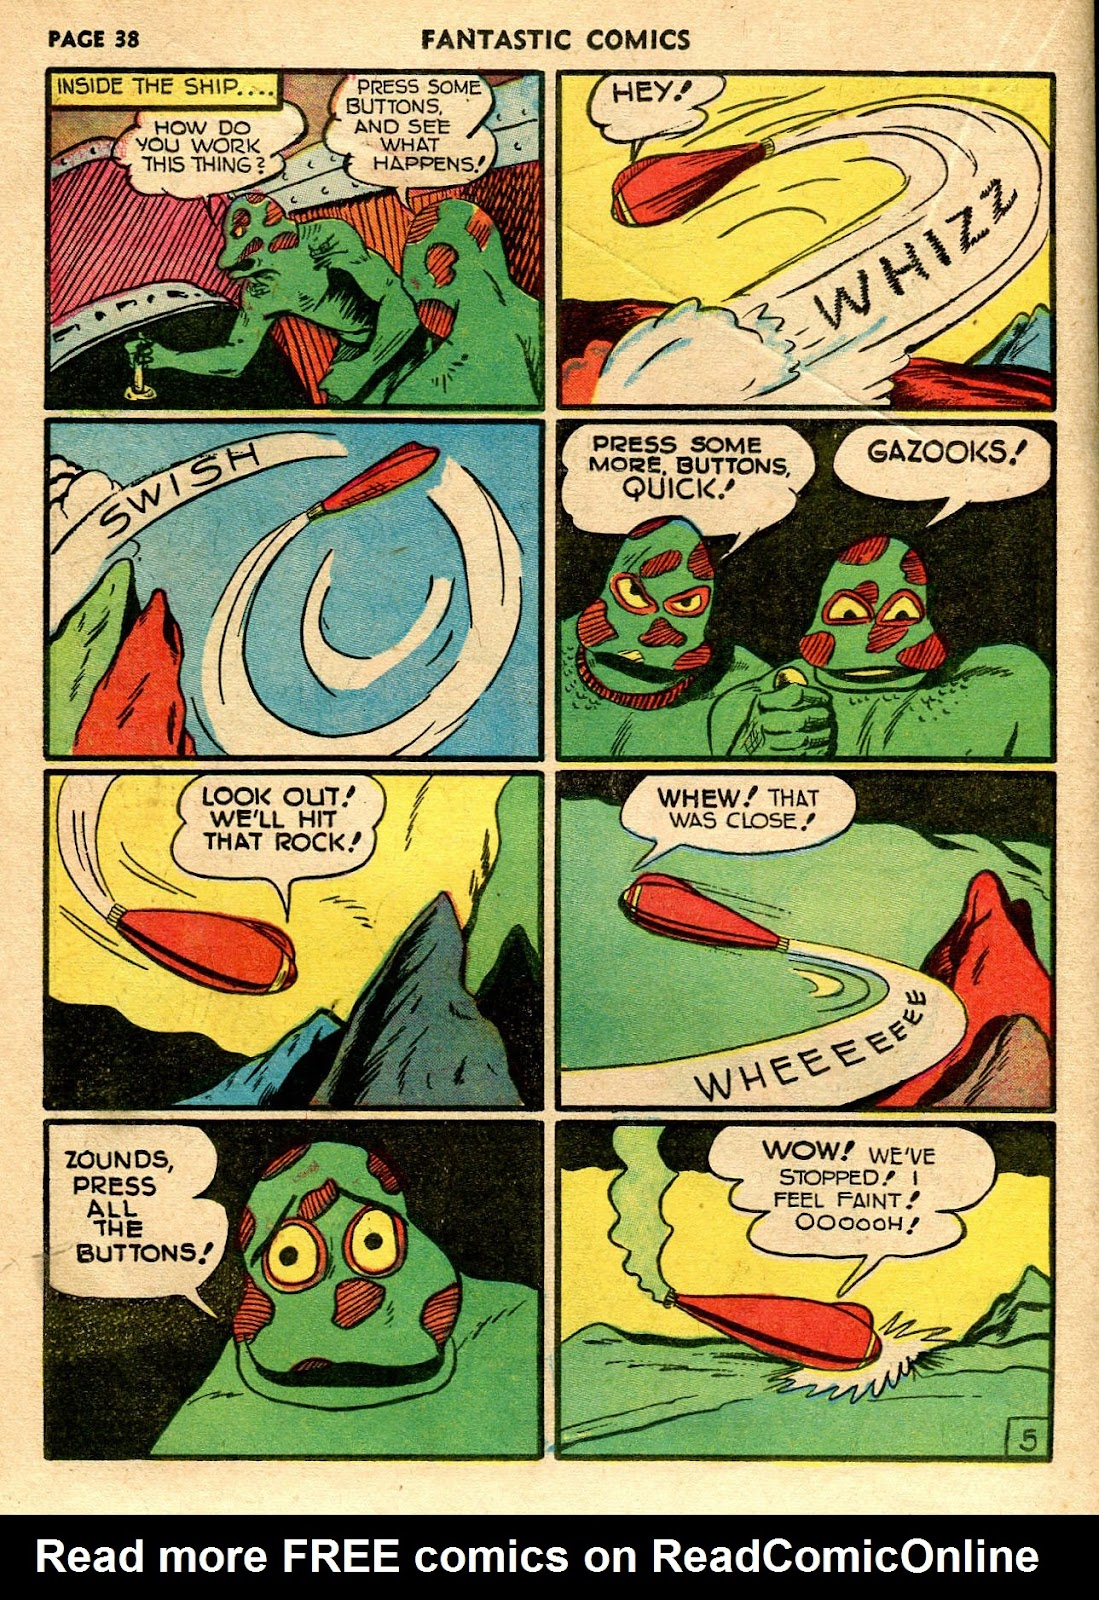 Read online Fantastic Comics comic -  Issue #21 - 36